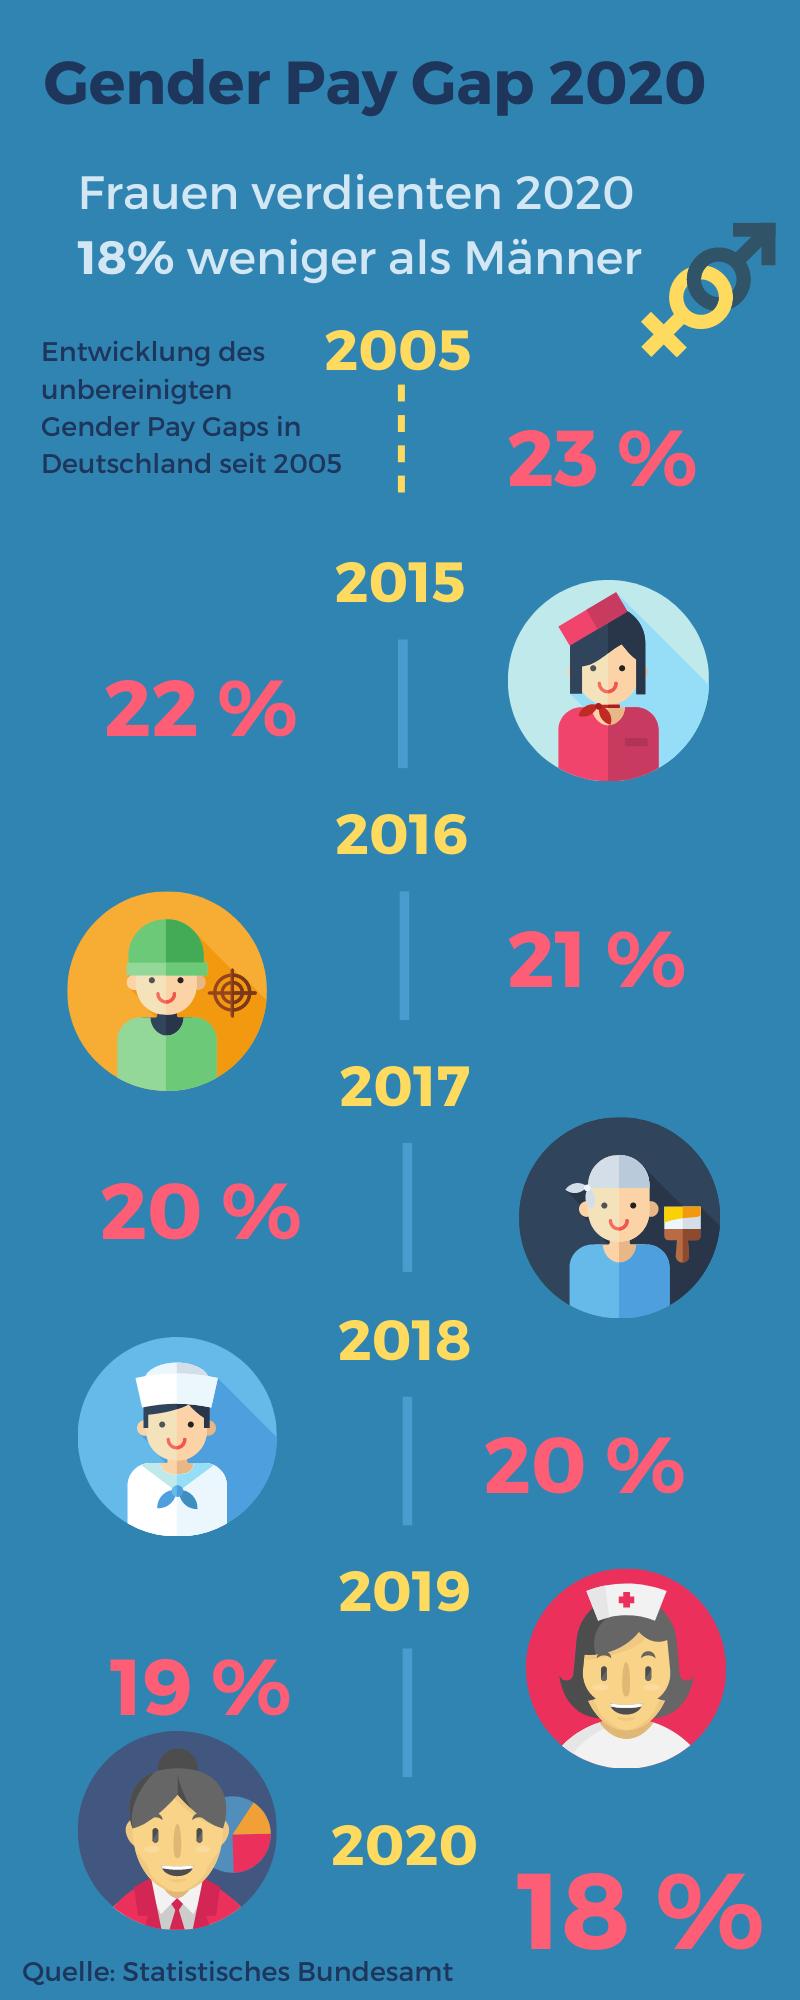 Die Entwicklung des Gender Pay Gaps in den letzen 16 Jahren